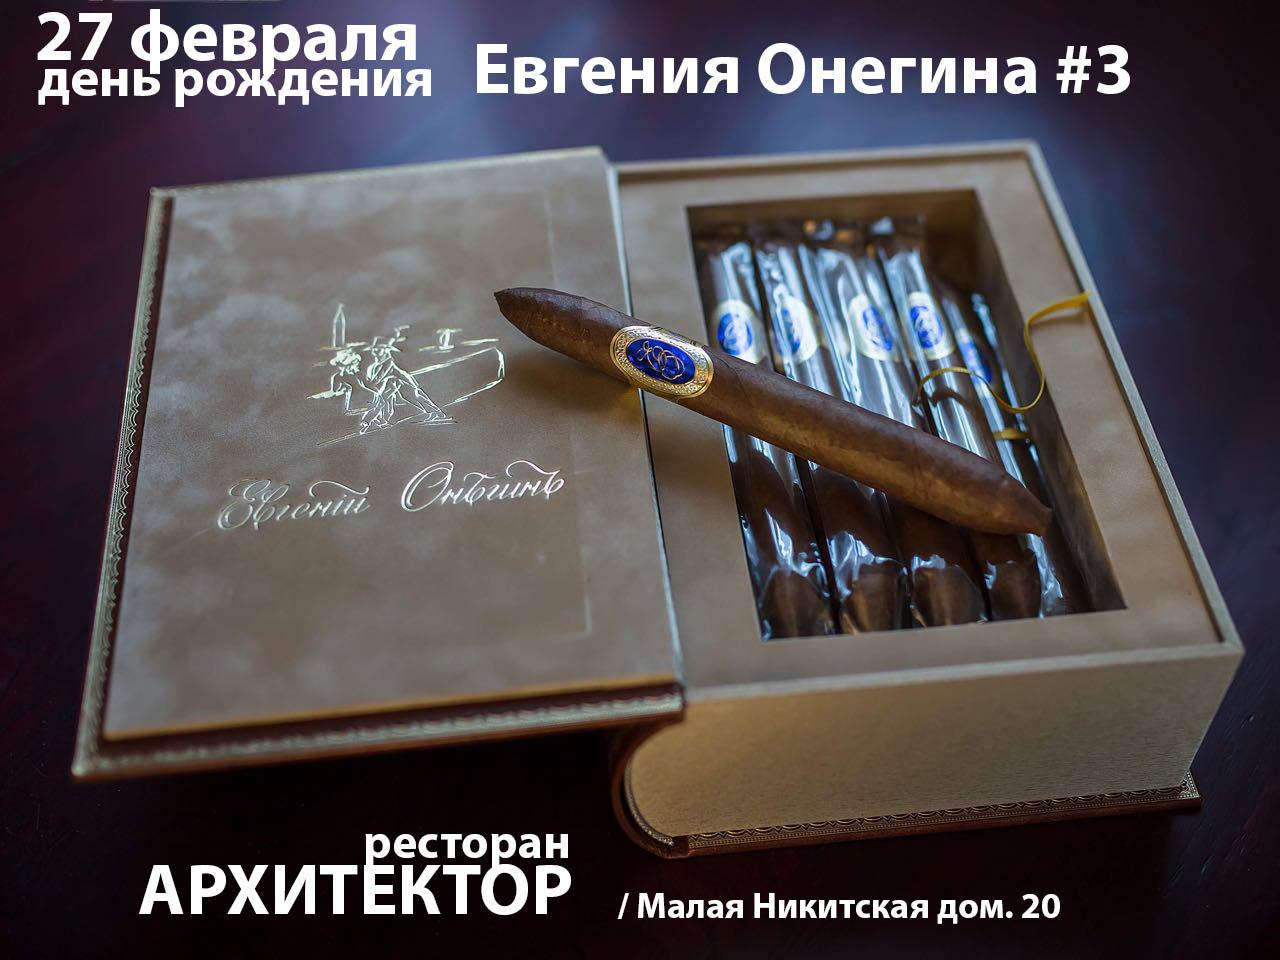 27 февраля 2019 года состоится очередной … день рождения Евгения Онегина